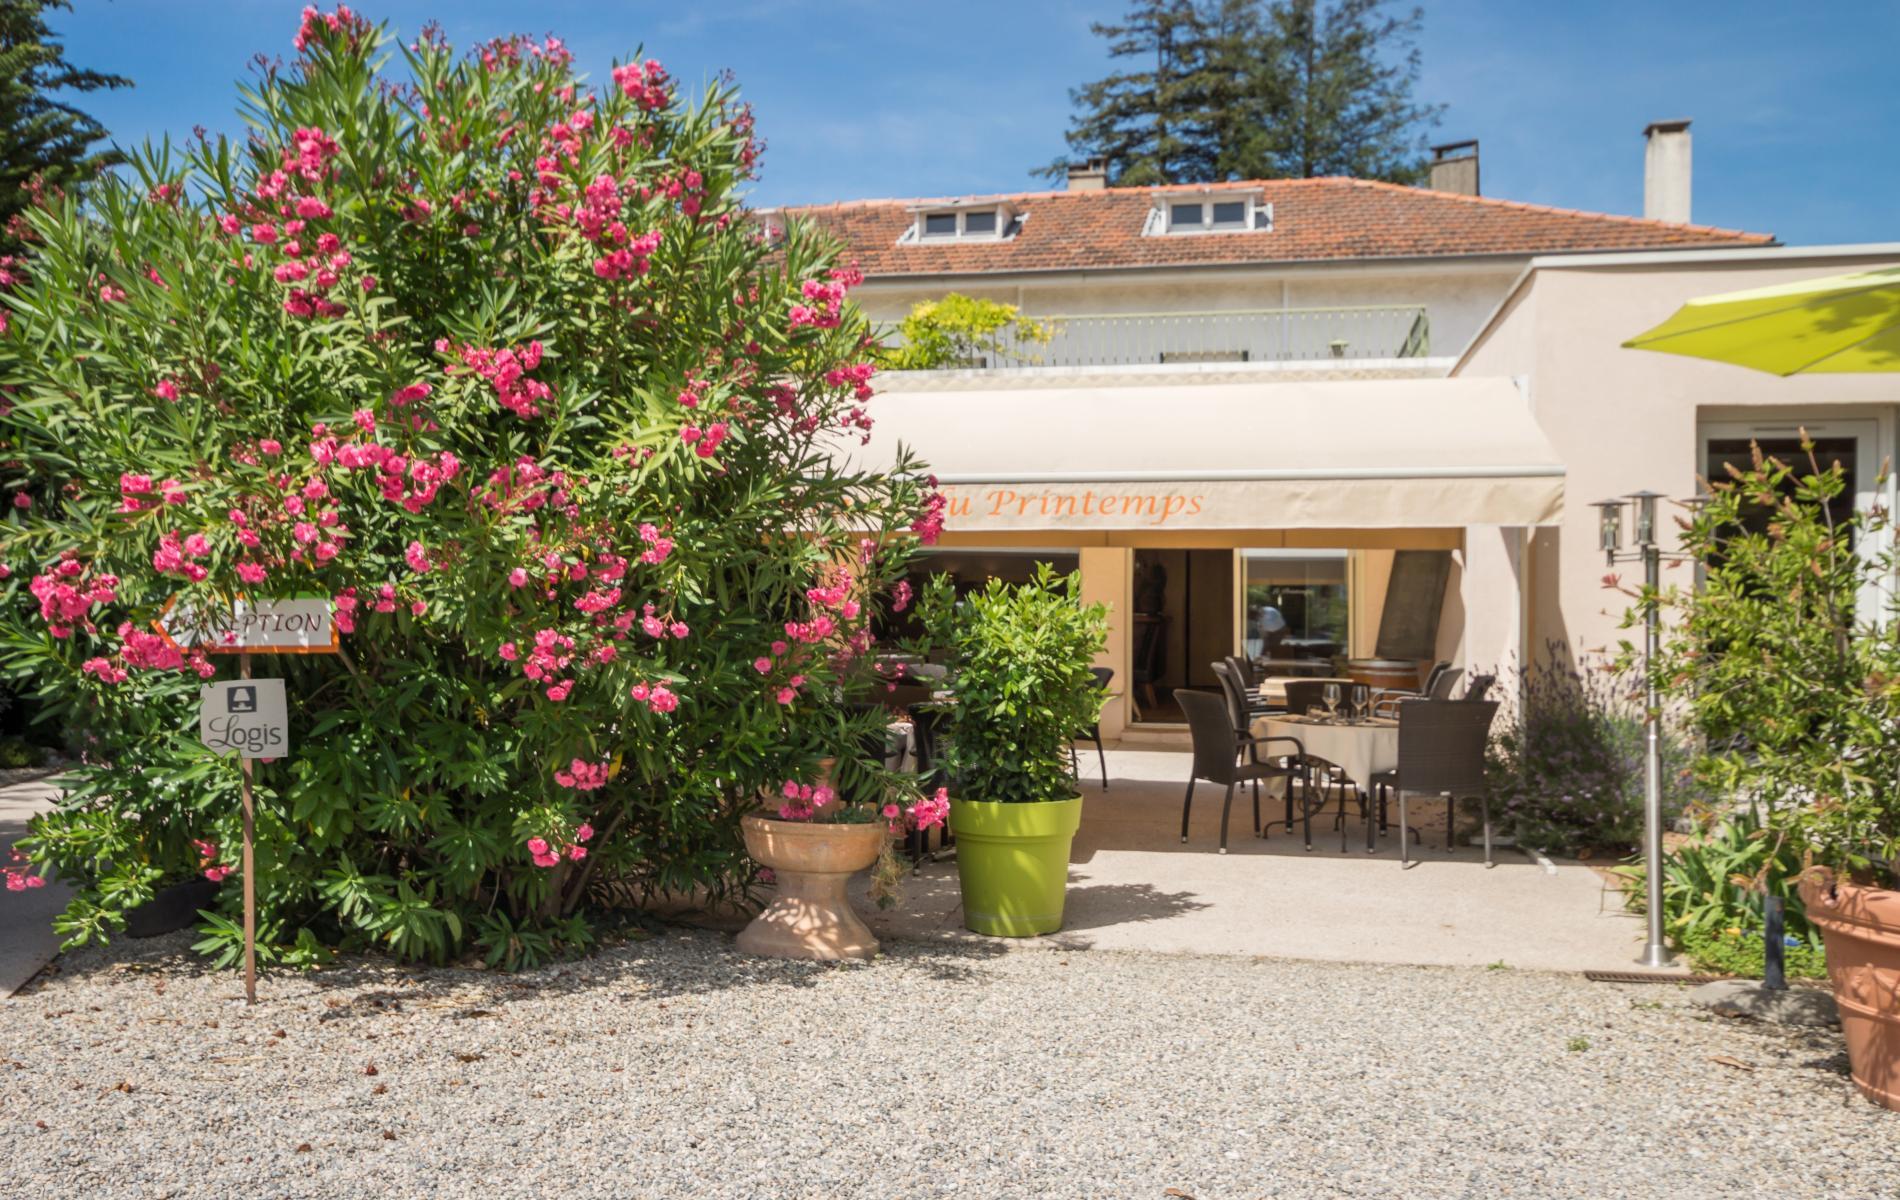 Venir l 39 h tel le printemps mont limar for Hotel autriche tyrol avec piscine